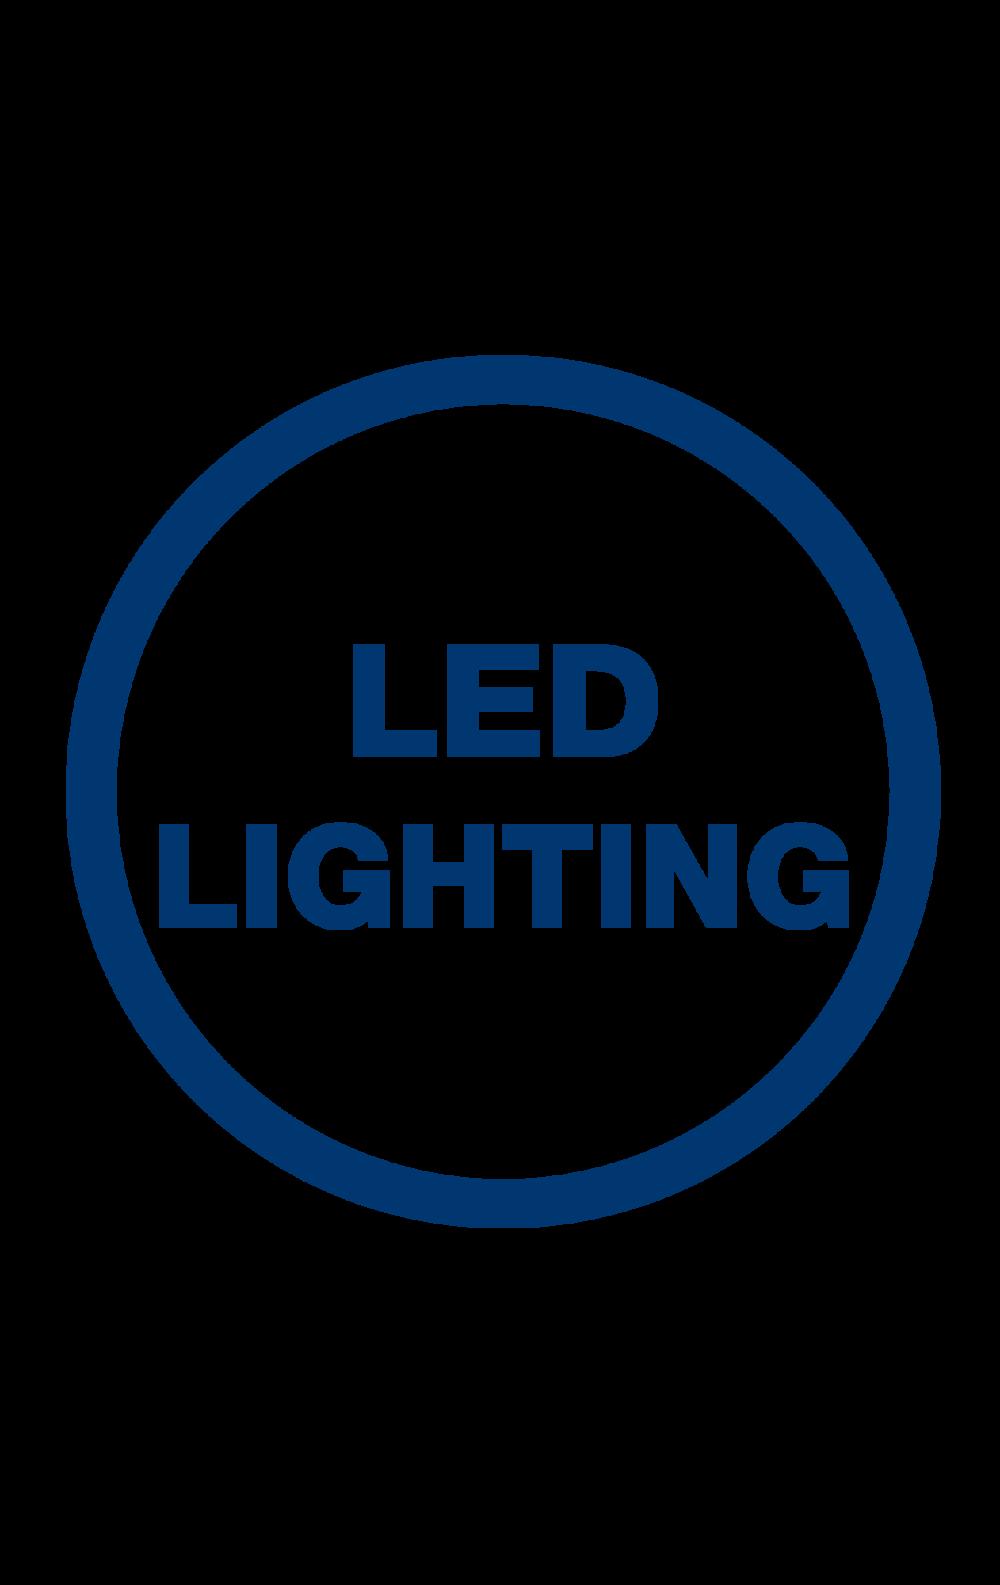 LED-lighting2.png